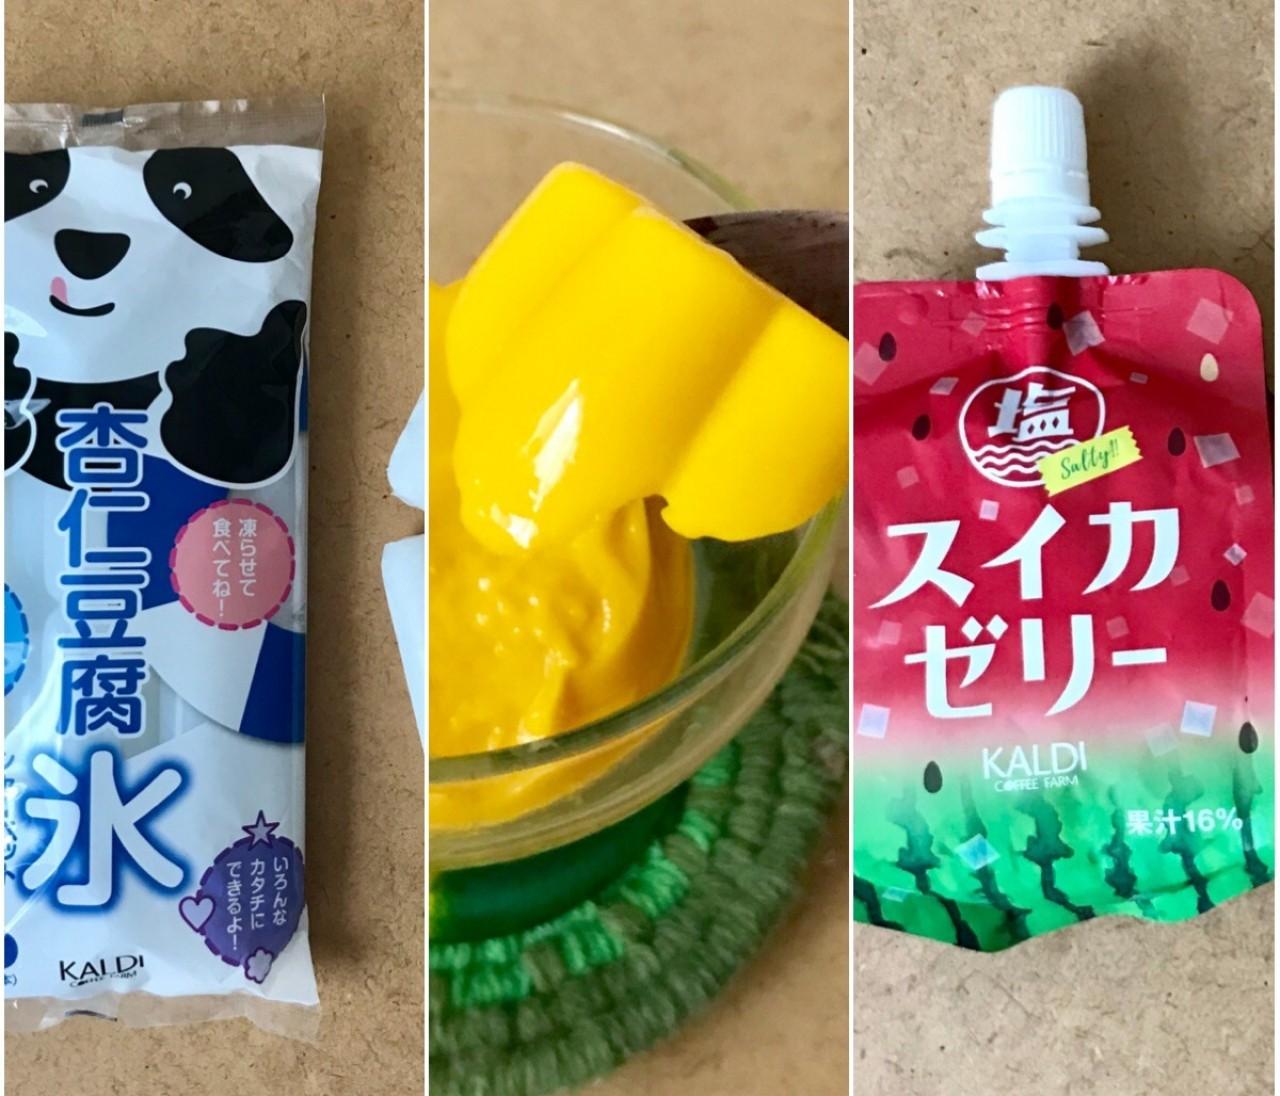 冷やしておいしい♡【カルディ(KALDI)】夏の絶品アイスとプリンとゼリードリンク